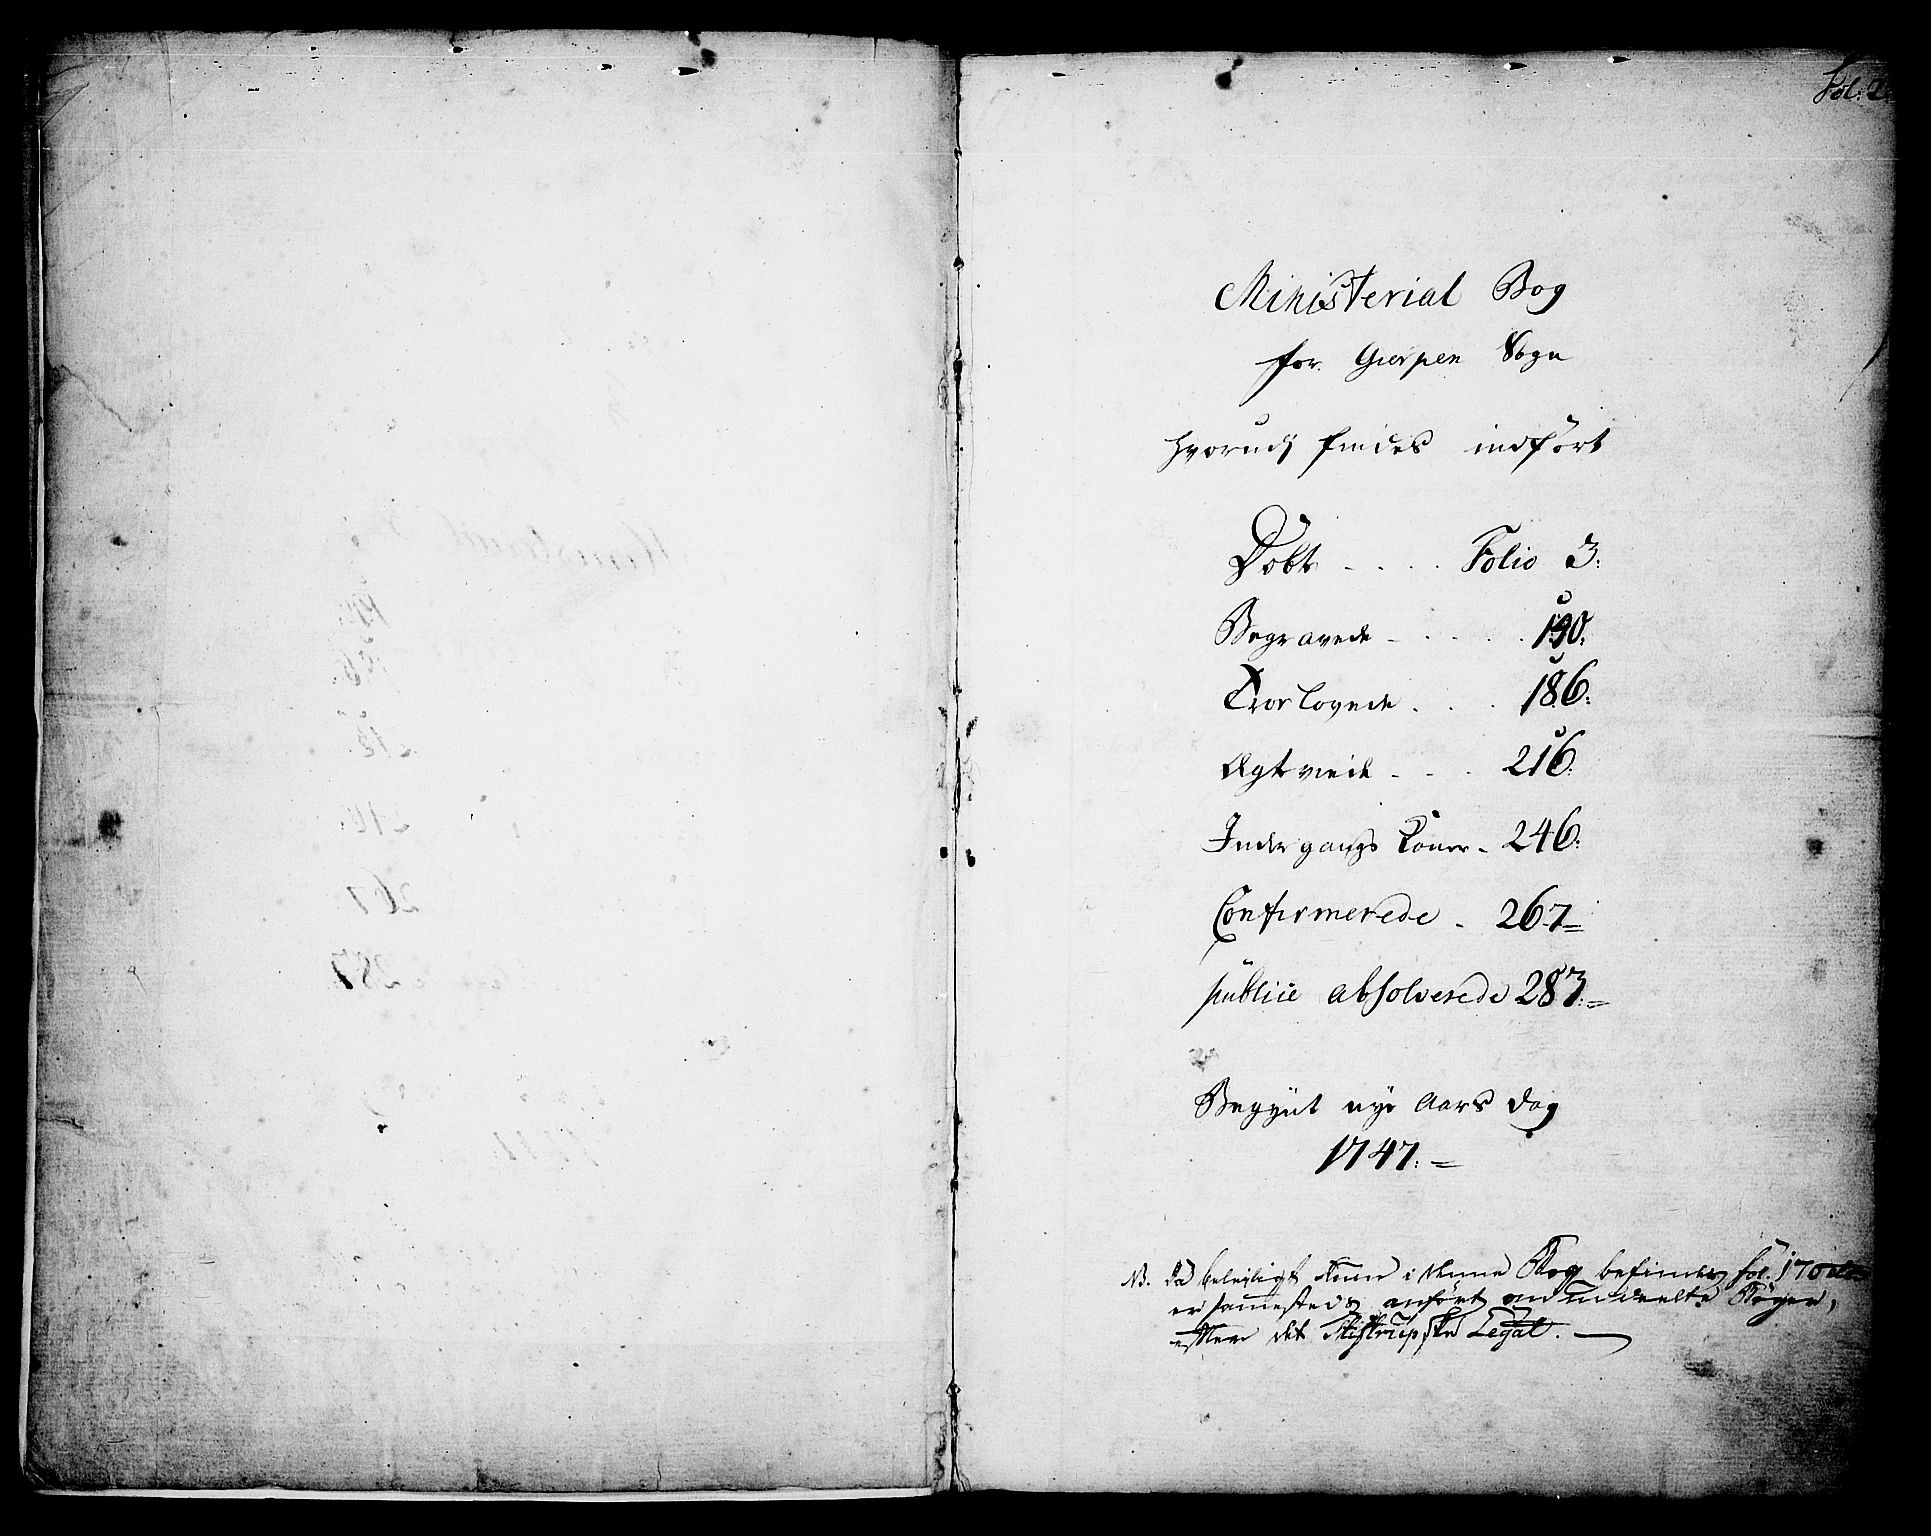 SAKO, Gjerpen kirkebøker, F/Fa/L0002: Ministerialbok nr. 2, 1747-1795, s. 2